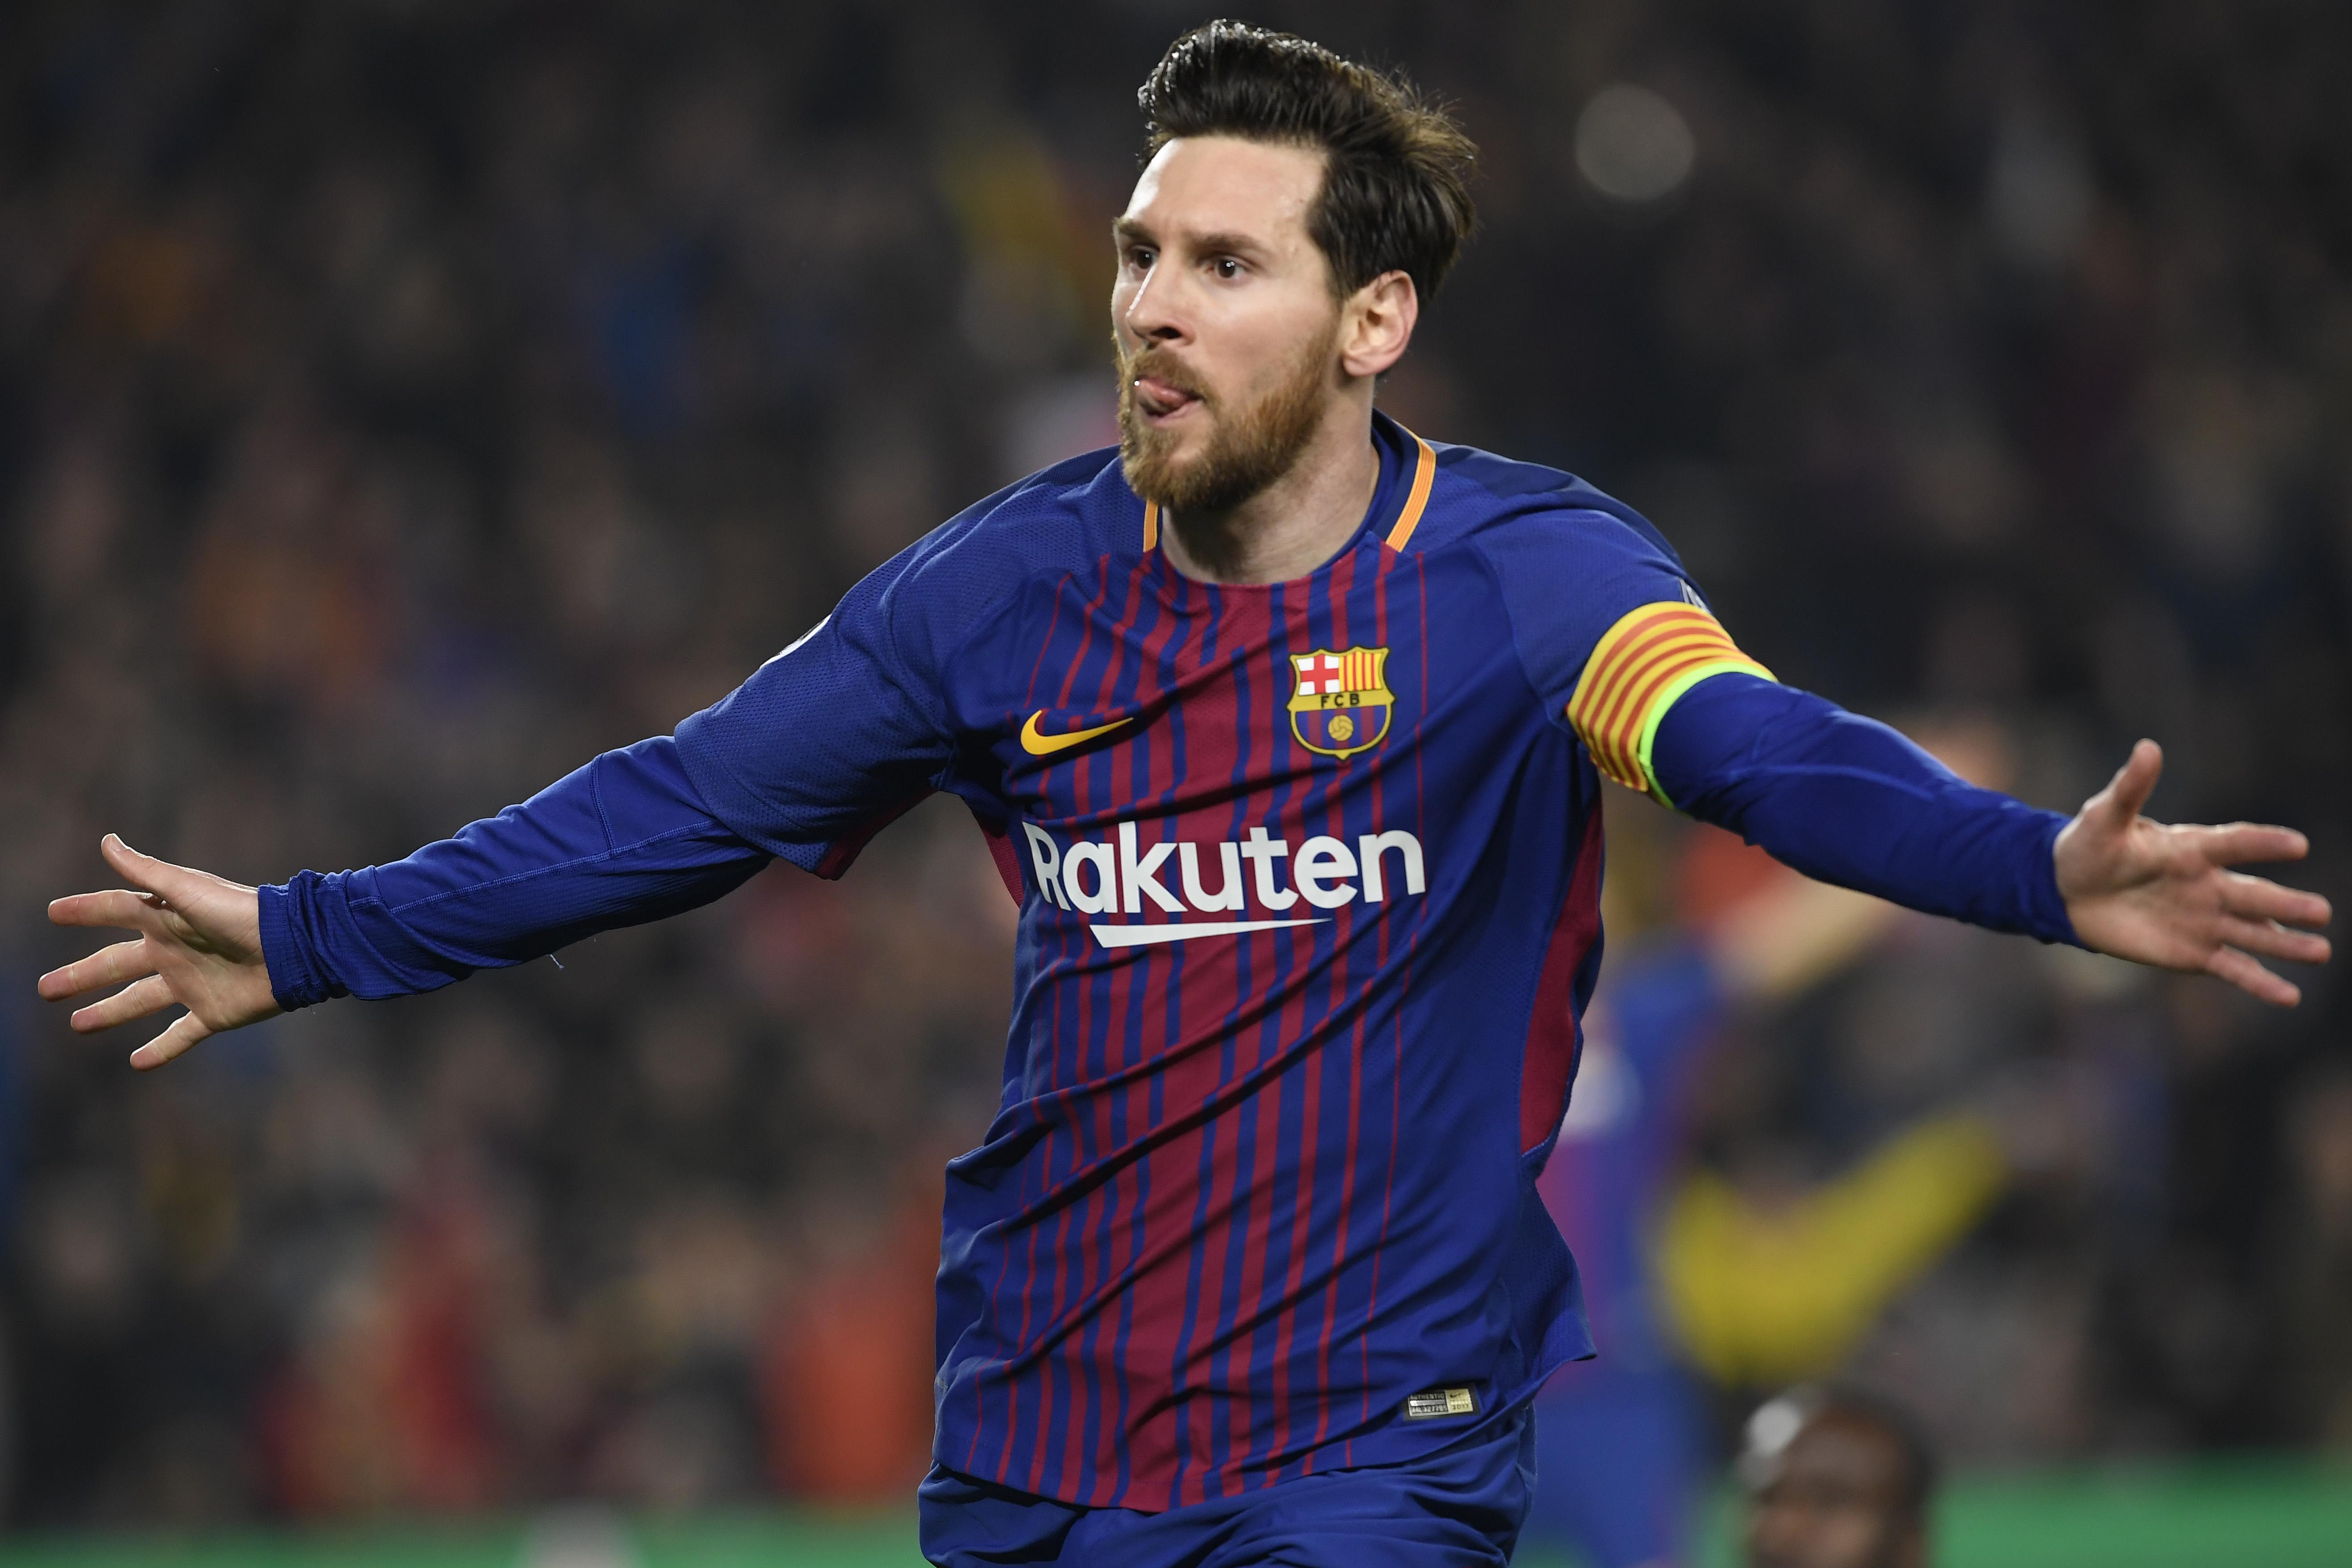 Még mindig Messi a legjobban kereső focista